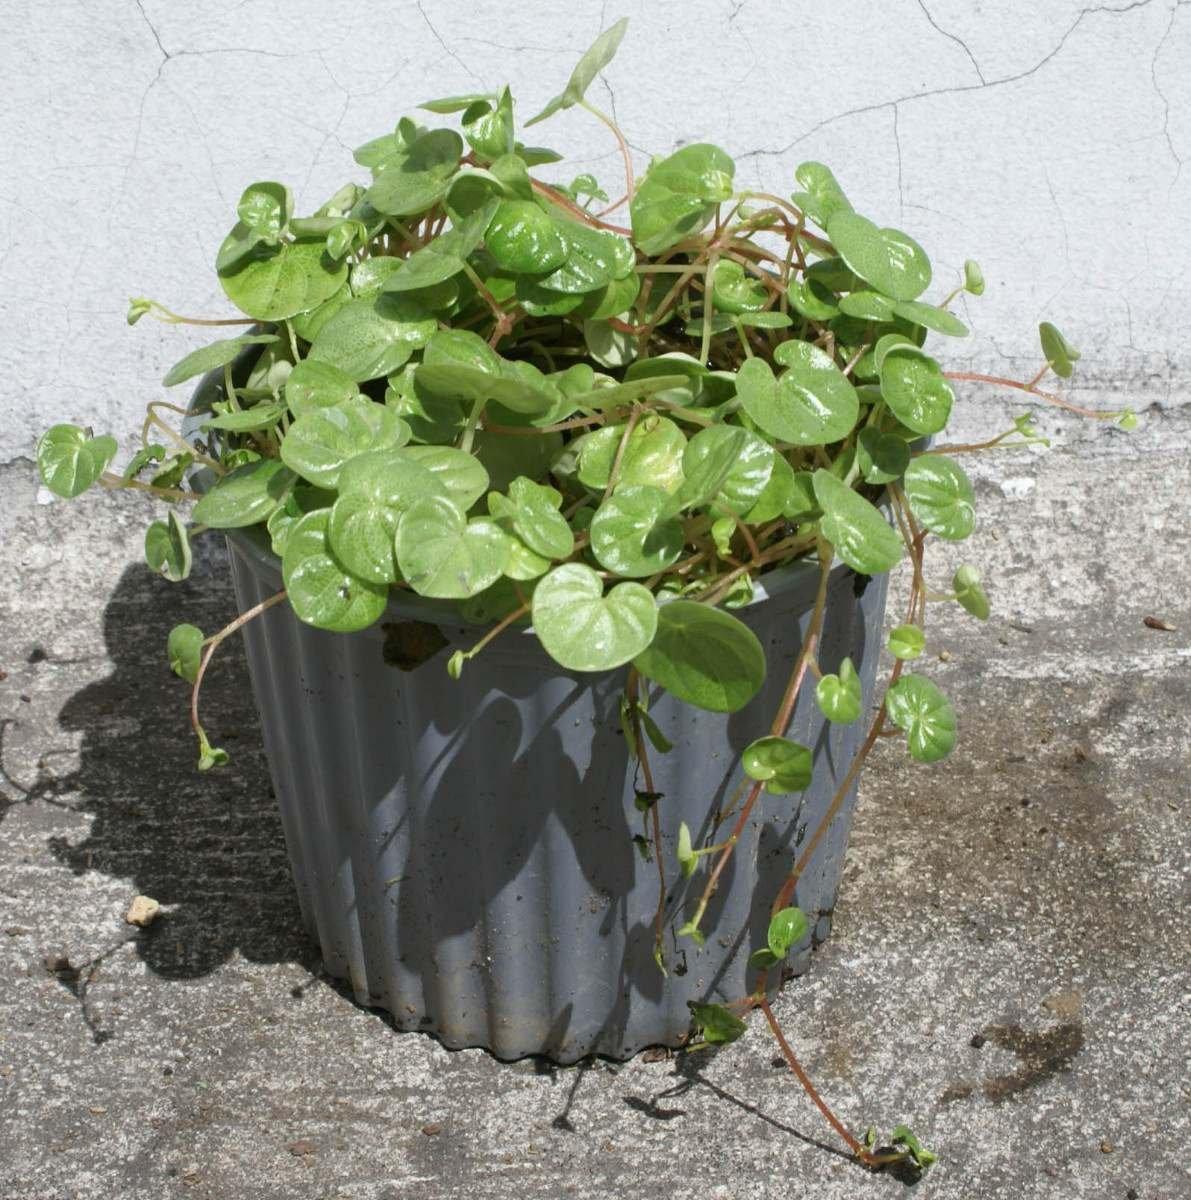 Lote 4 plantas dolares viveros de plantas ornamentales for Plantas decorativas ornamentales